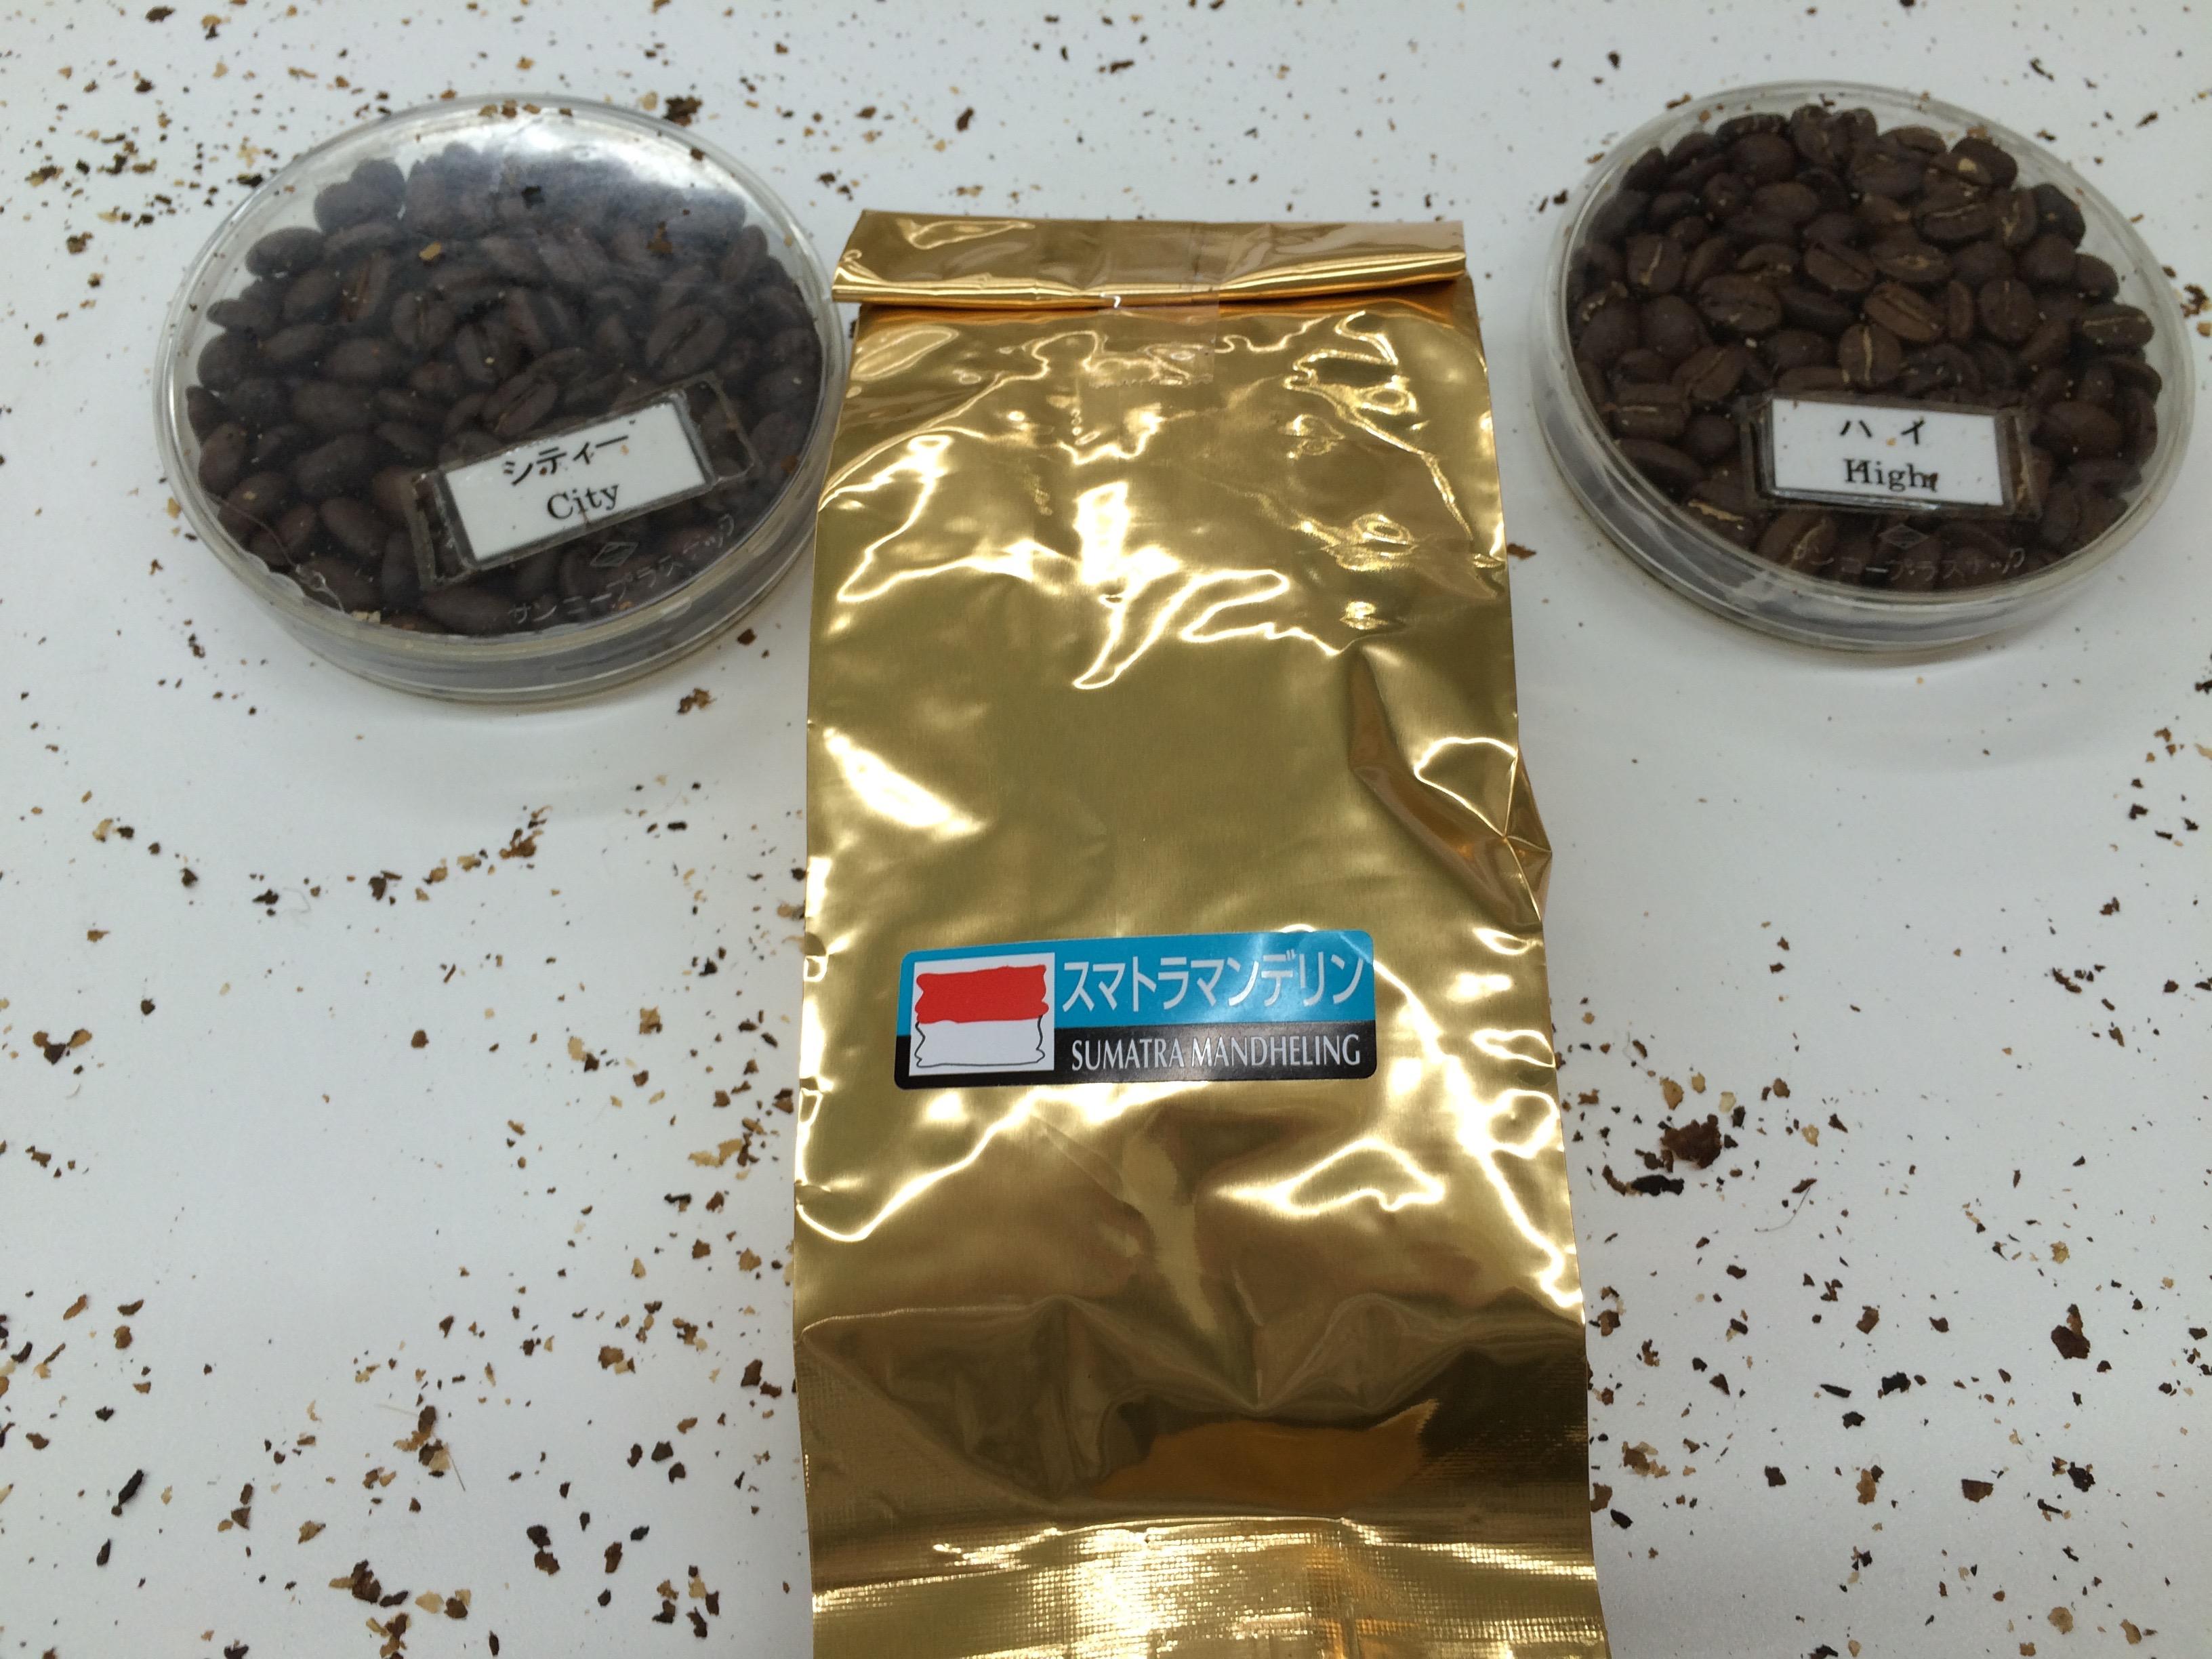 コーヒー豆焙煎袋